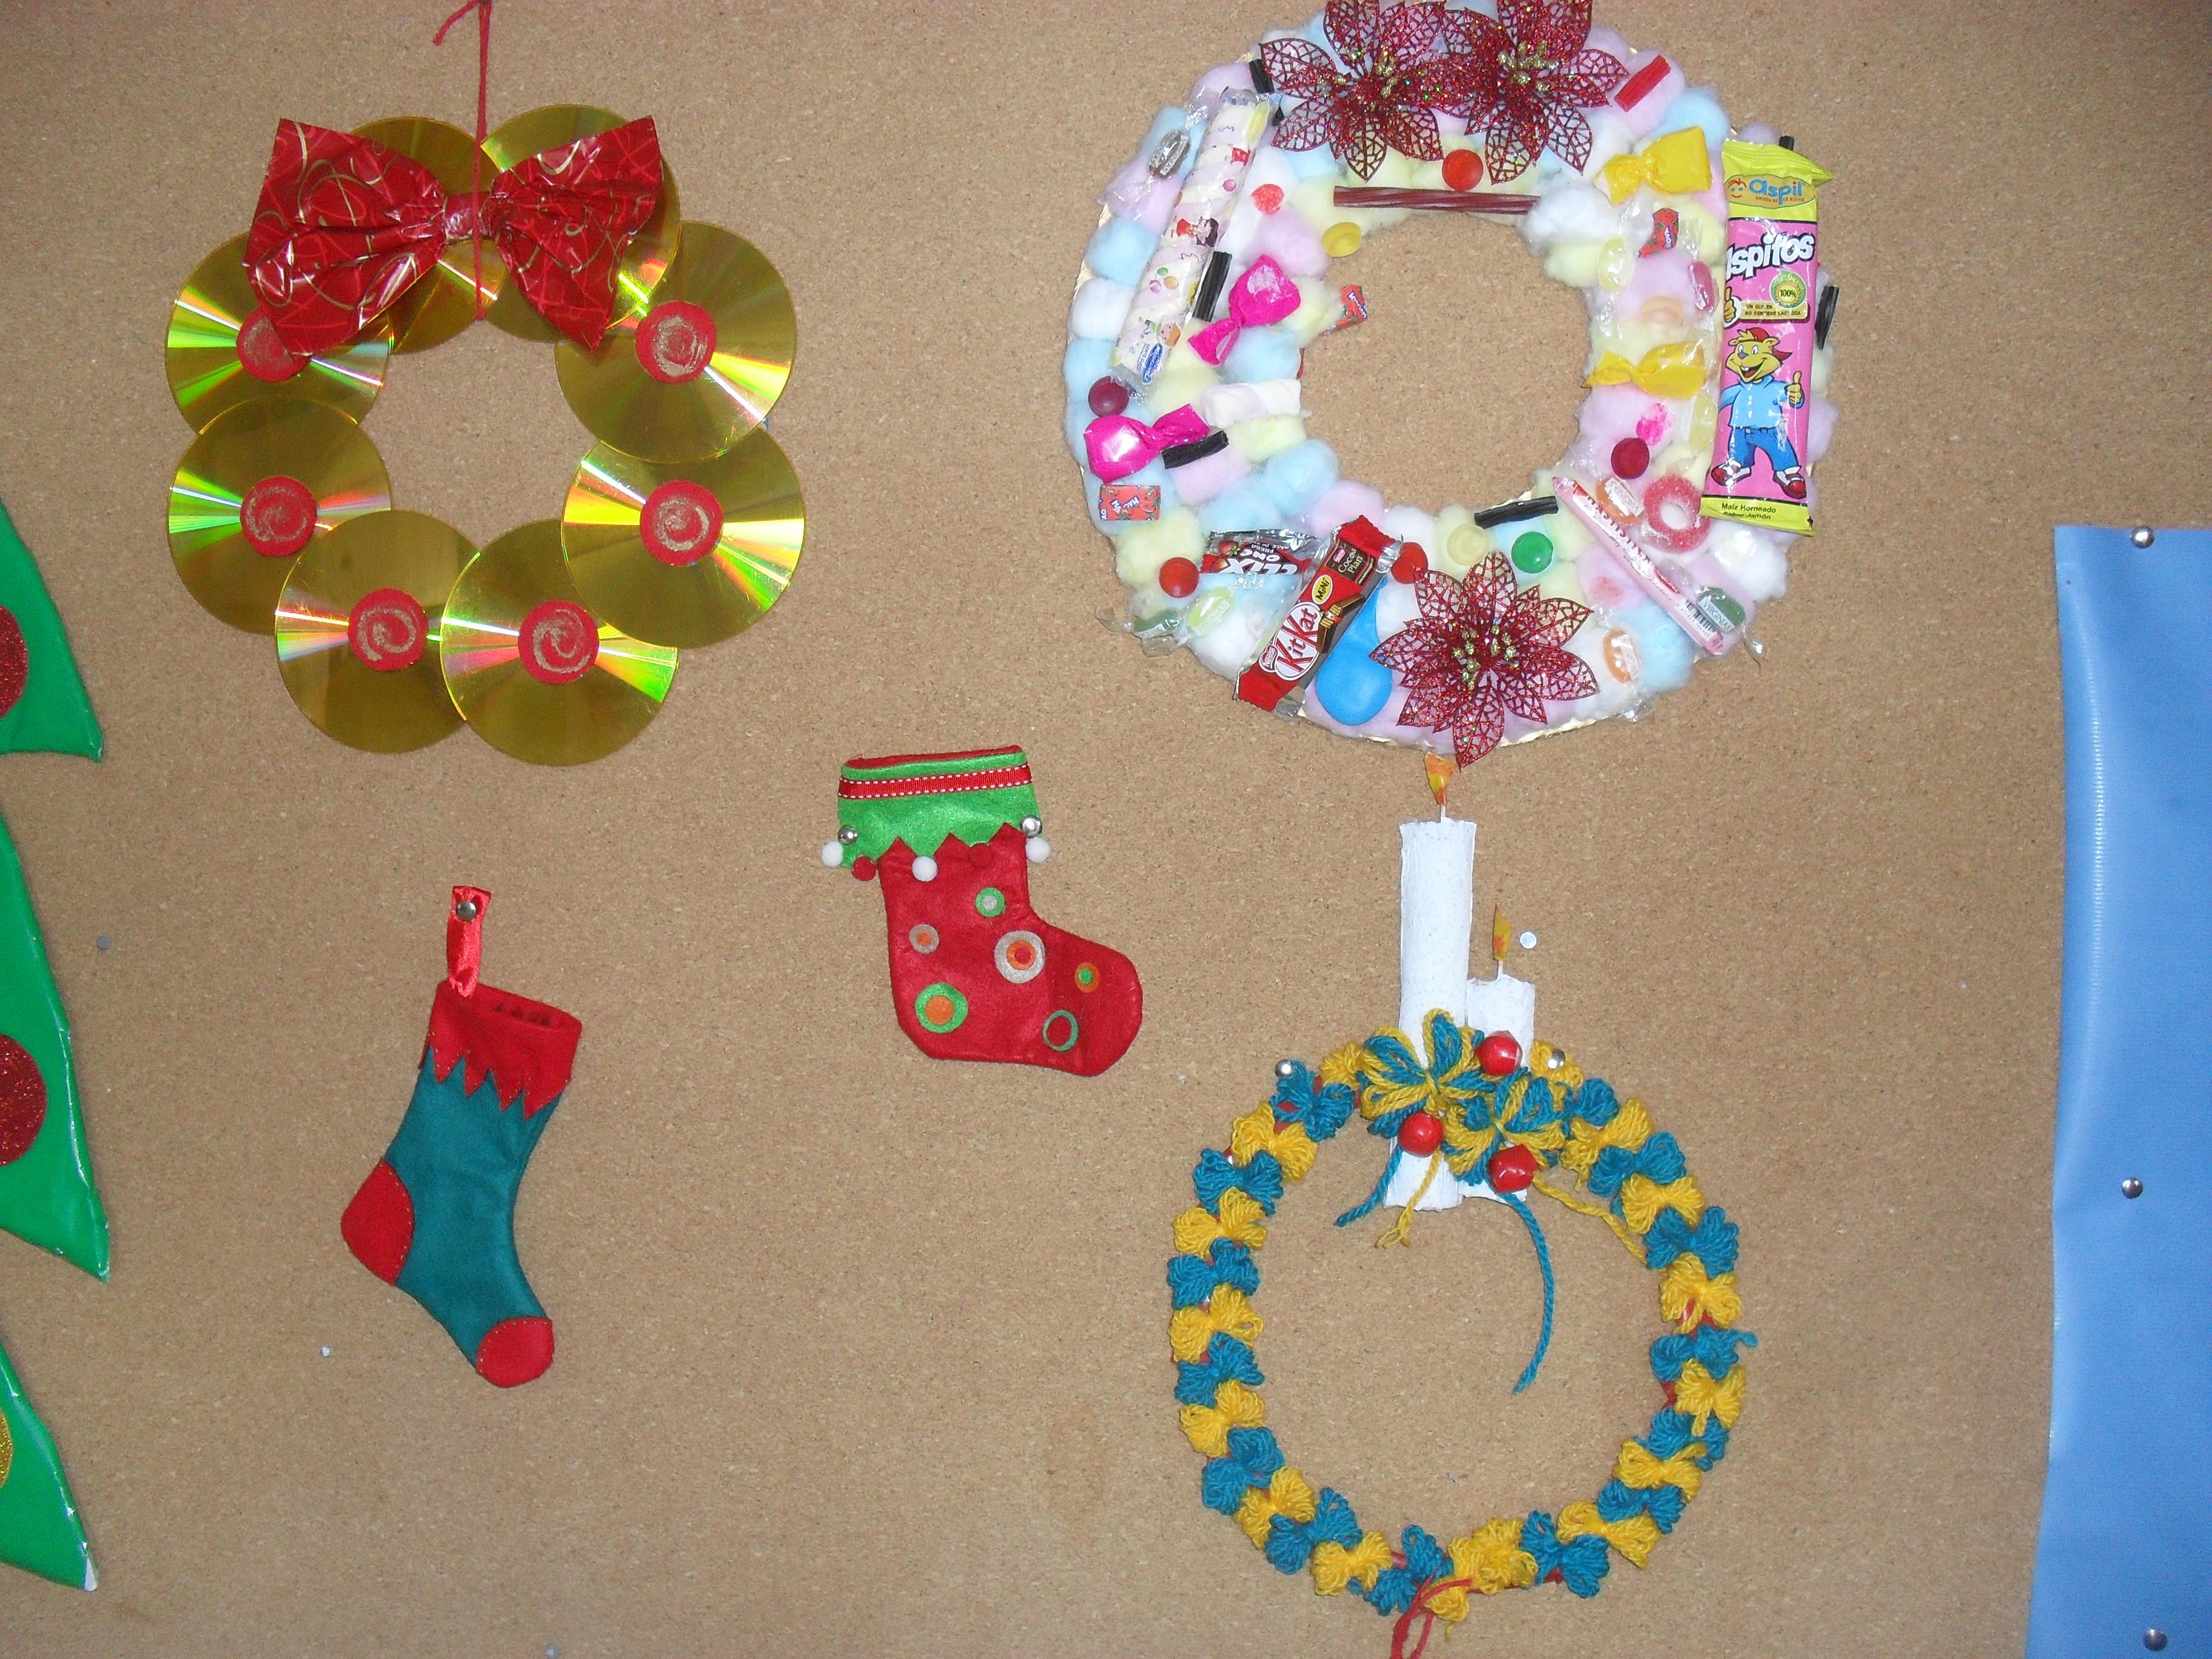 Adornos en material reciclable imagui - Adornos navidad reciclados para ninos ...